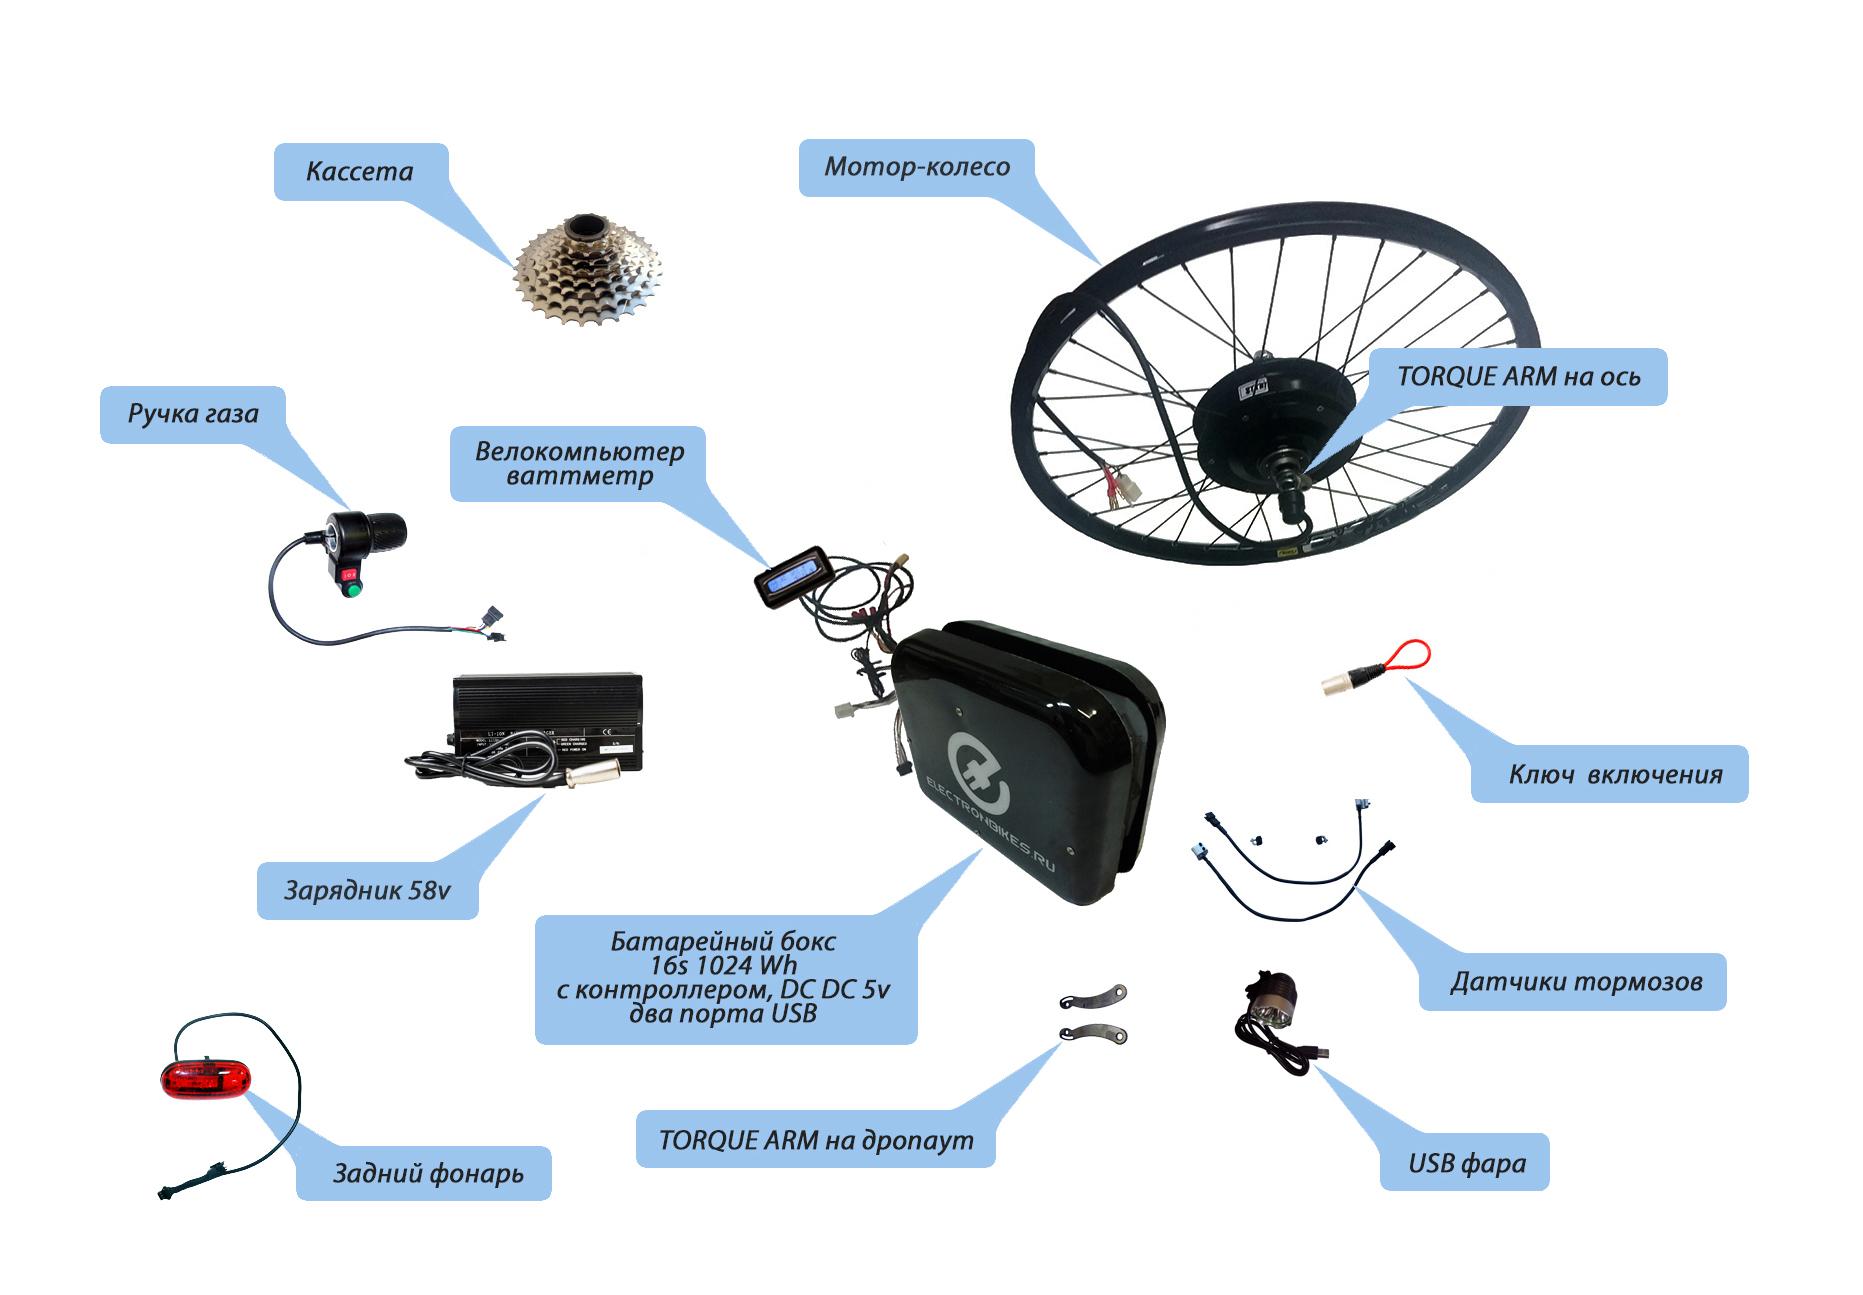 Схема для мотора-колеса